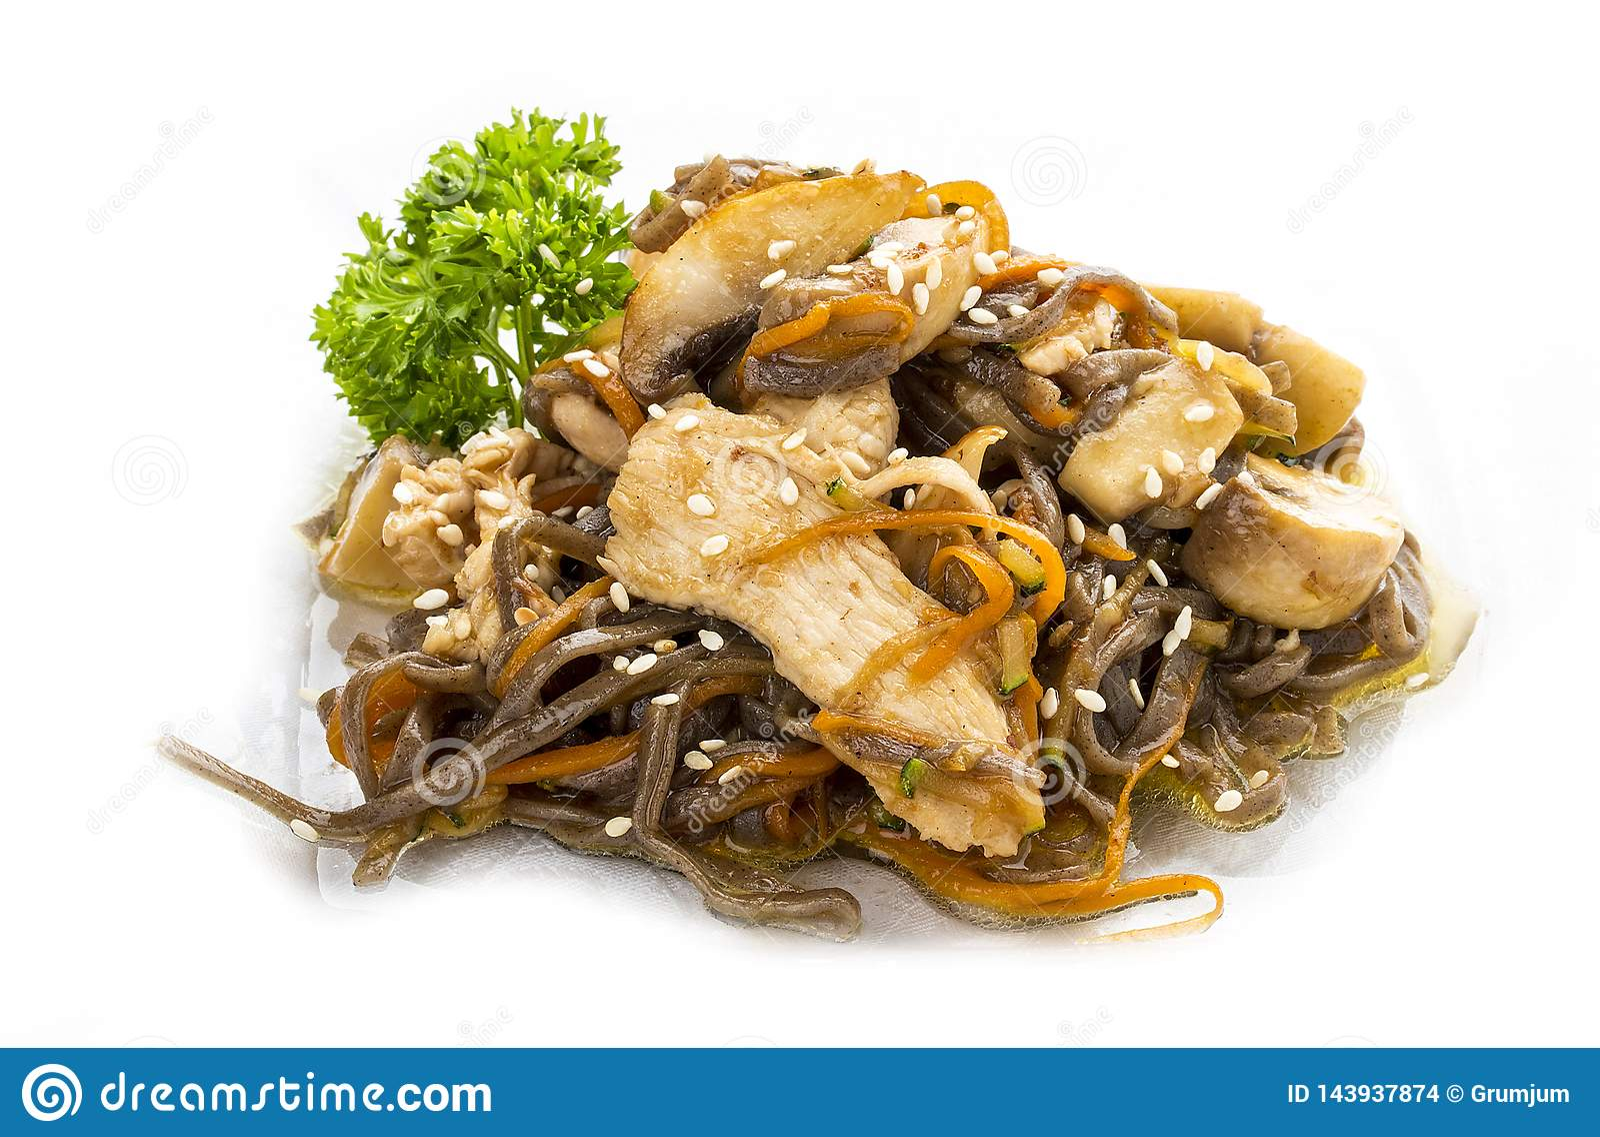 Κοτόπουλο στη σάλτσα teriyaki με τα νουντλς, τα μανιτάρια και τα καρότα φαγόπυρου ασιατικό μεσημεριανό γεύμ